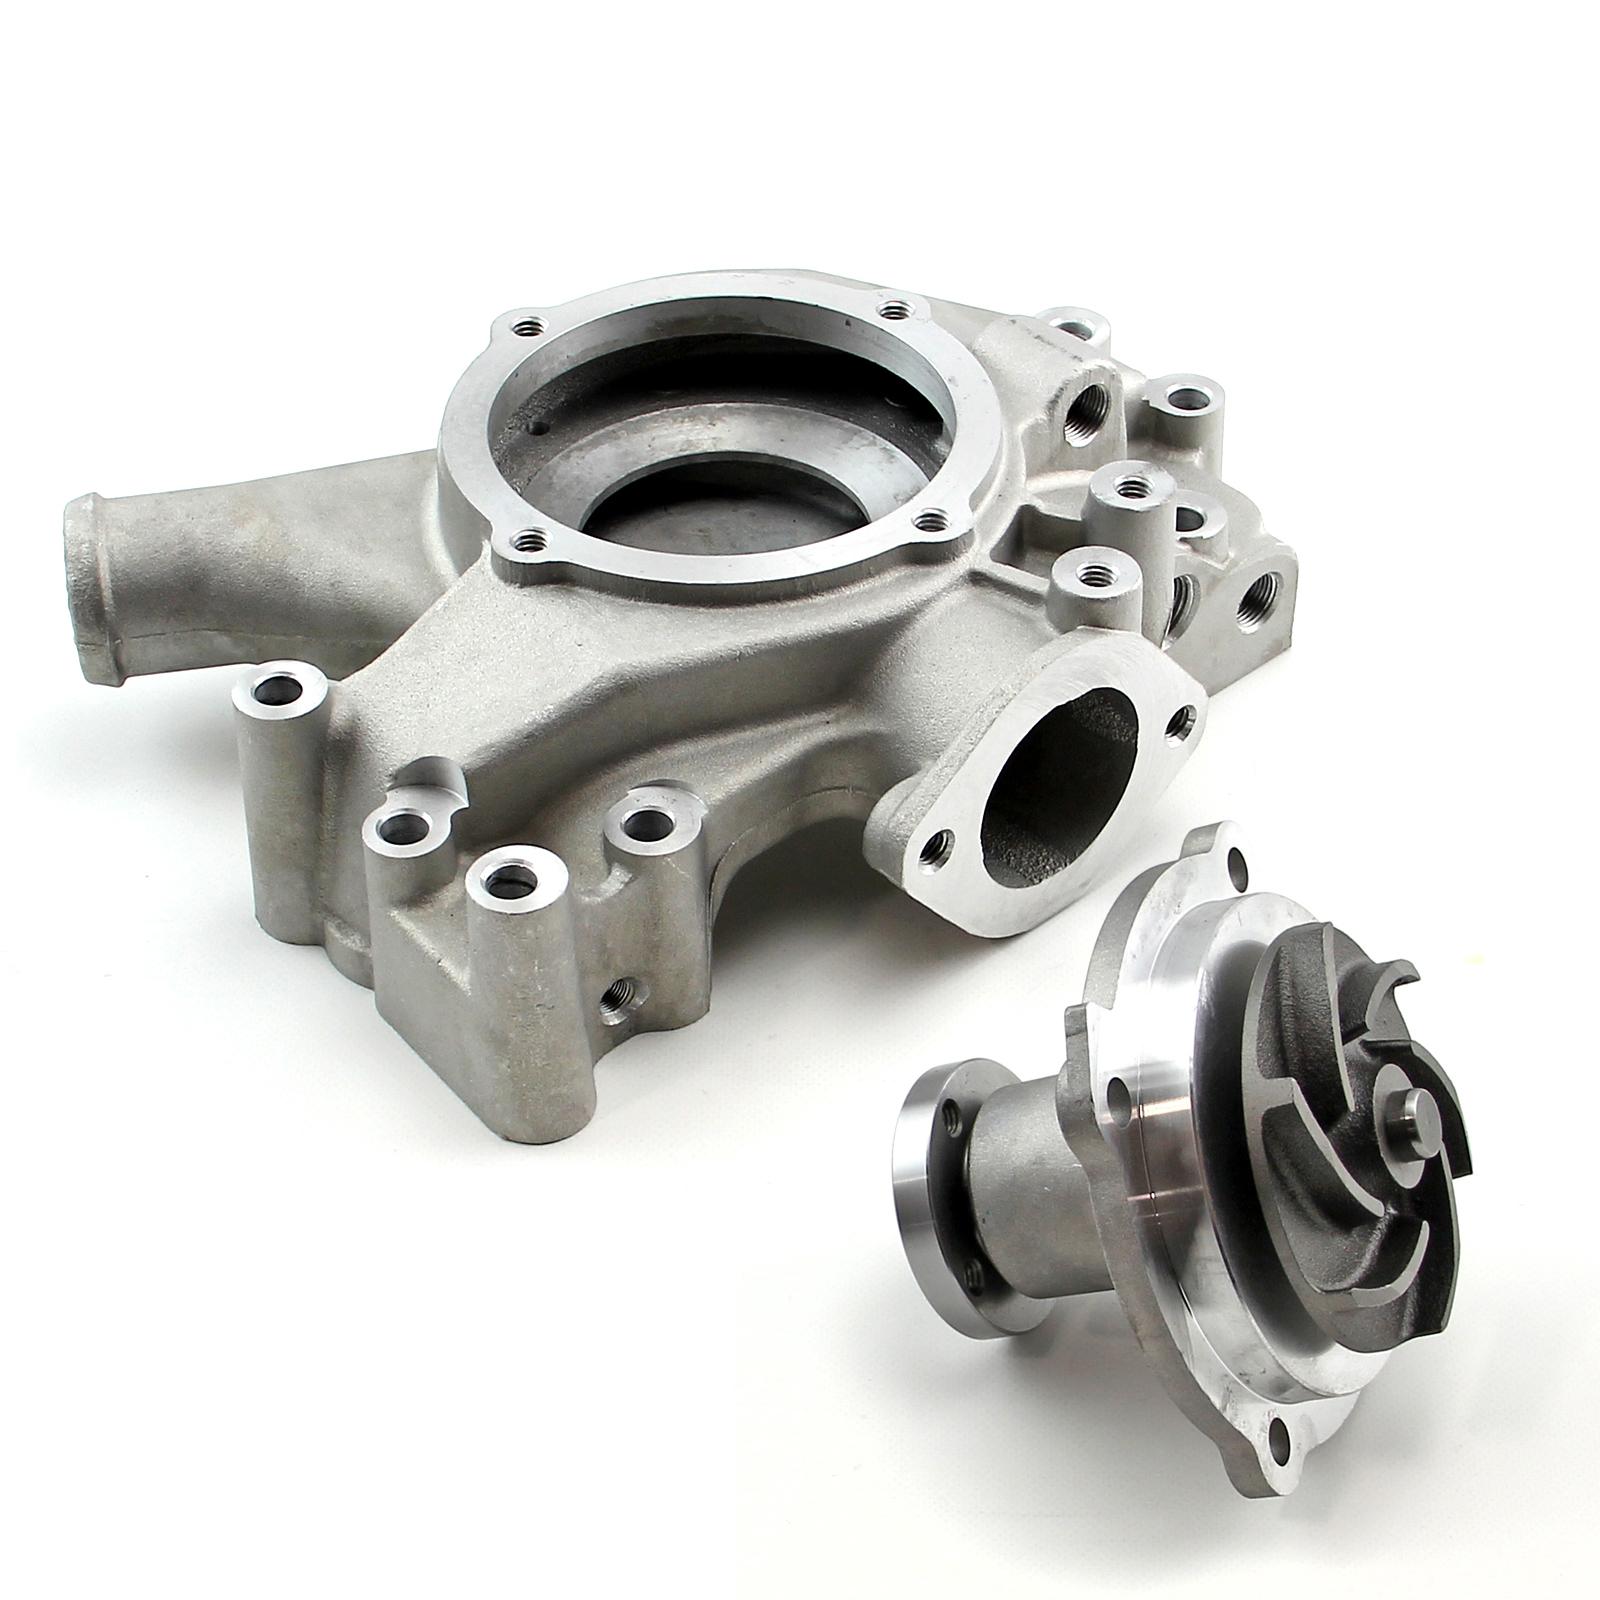 Chrysler Mopar BB 360 383 440 High Volume Aluminum Long Water Pump